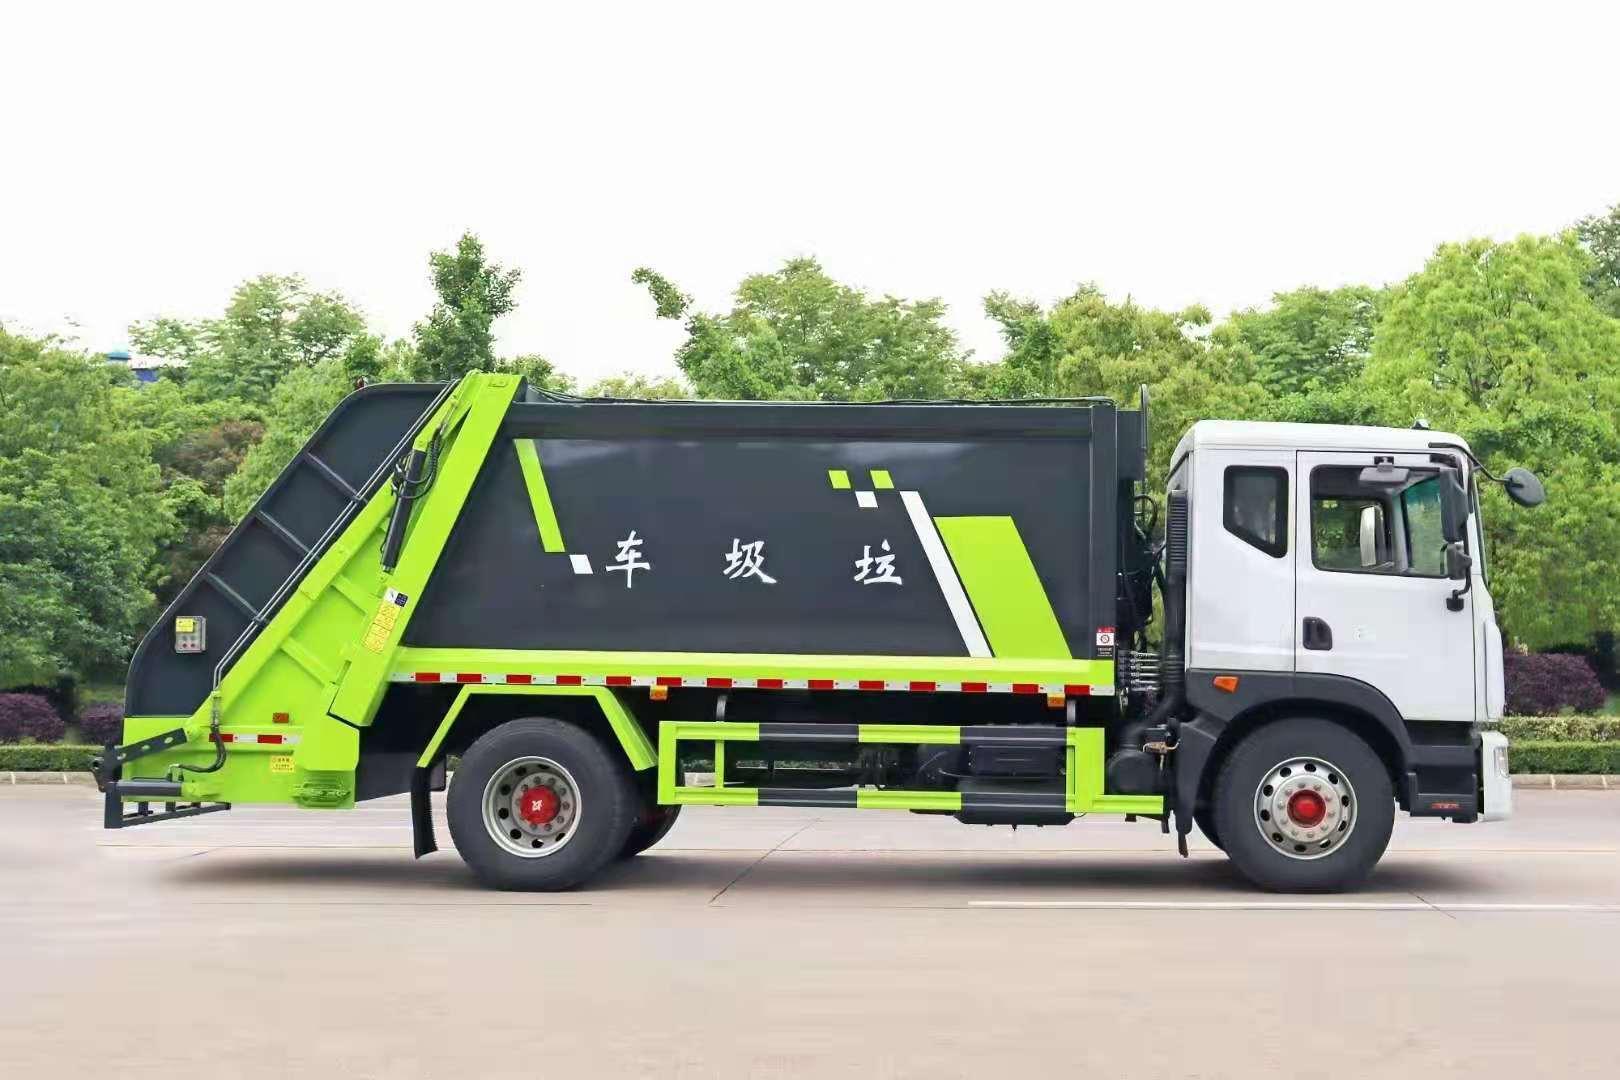 環衛車廠家報價_湖北程力東風壓縮垃圾車價格_240L后置掛桶壓縮垃圾車配置